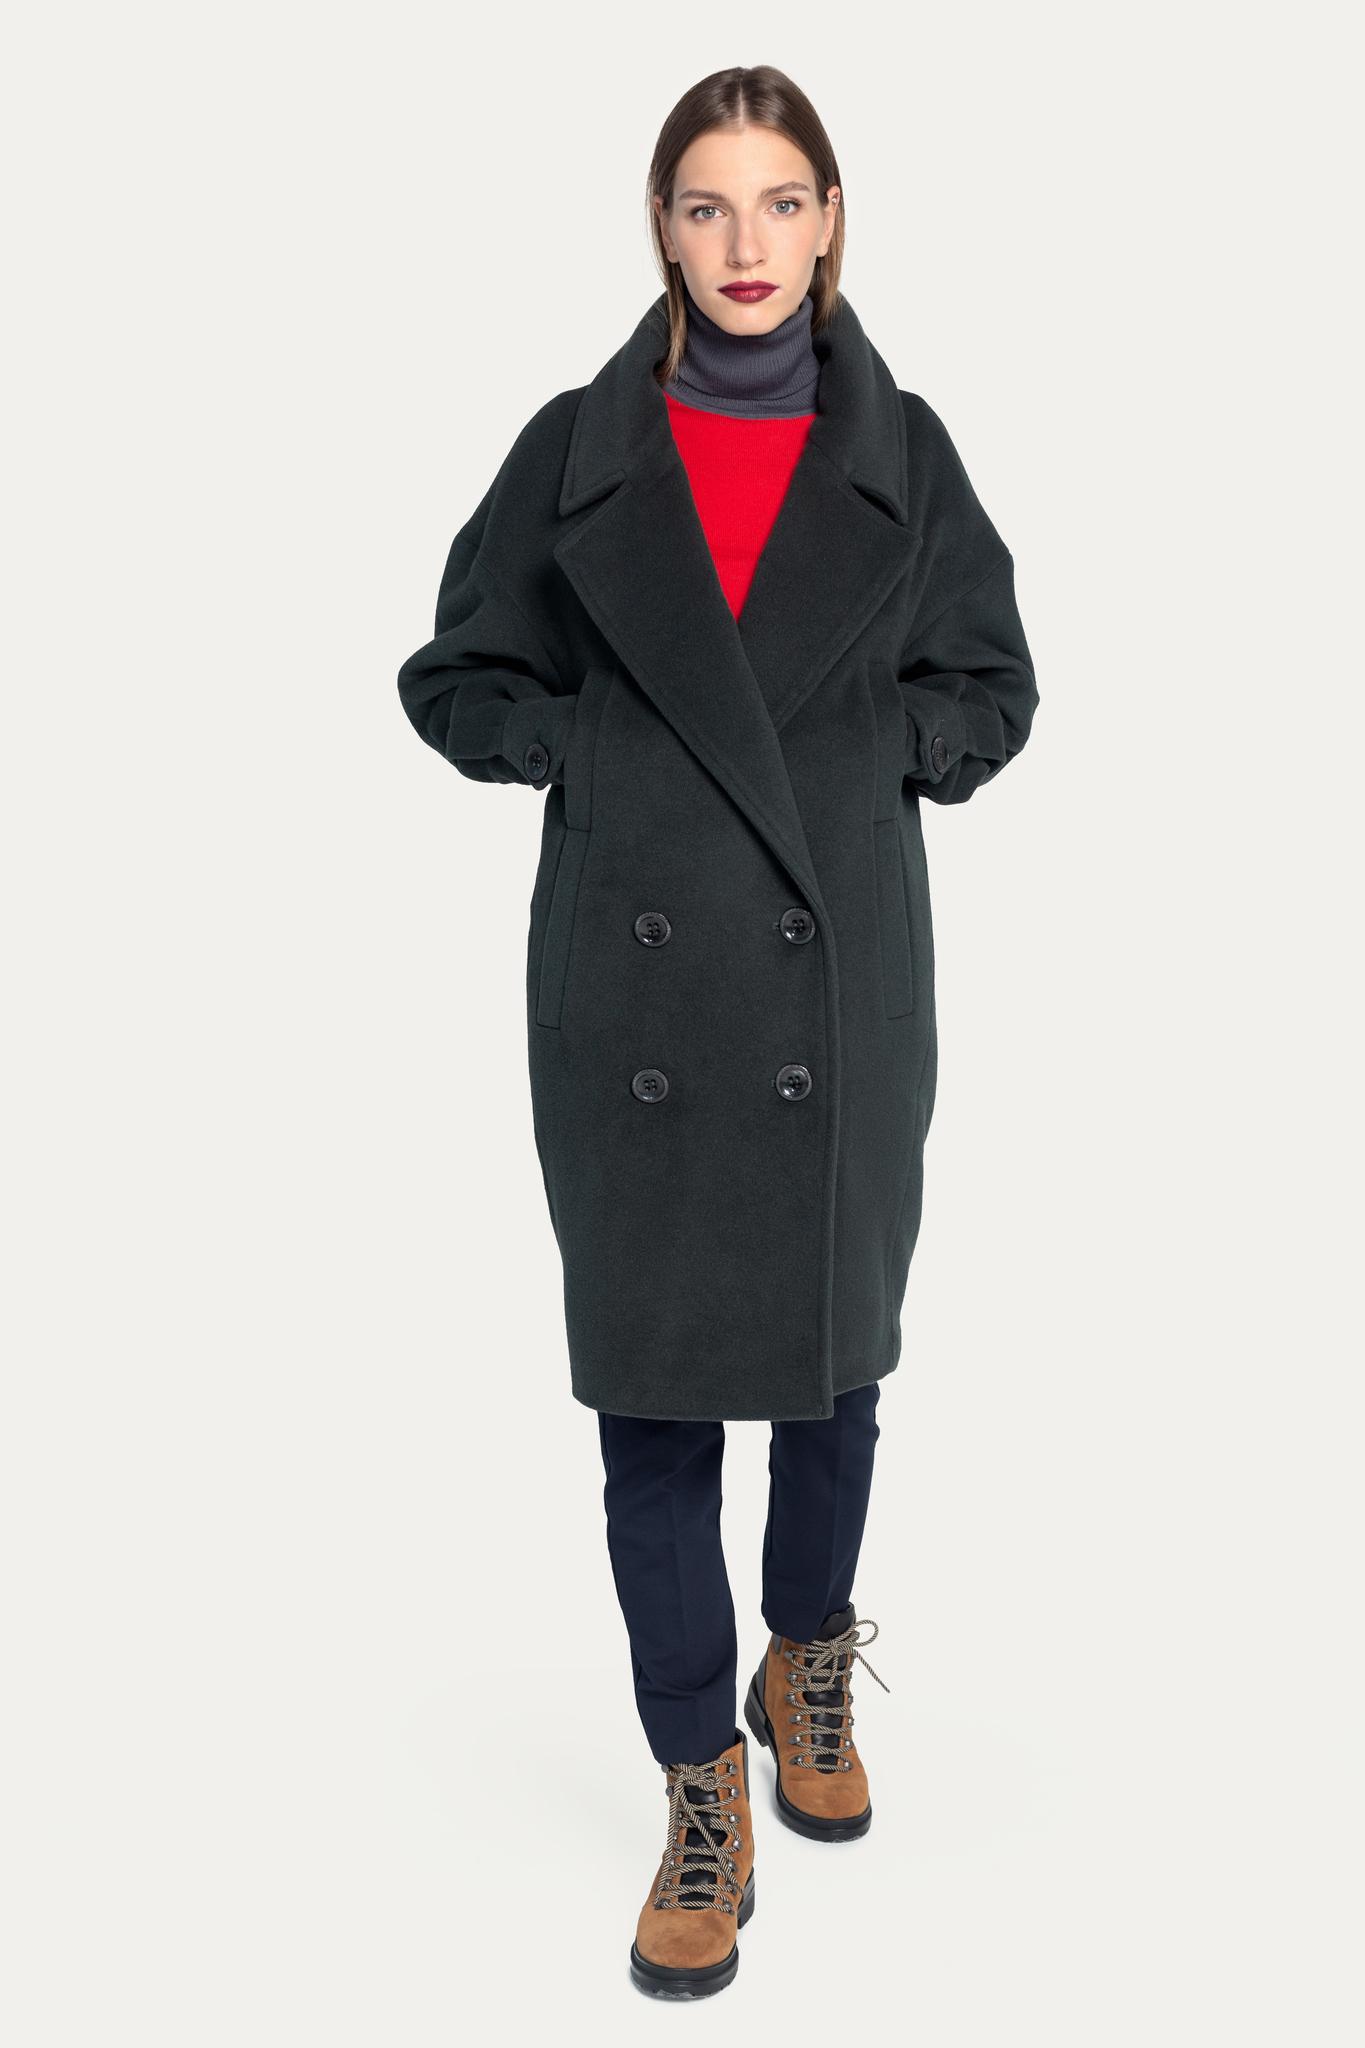 Пальто URBAN CHIC